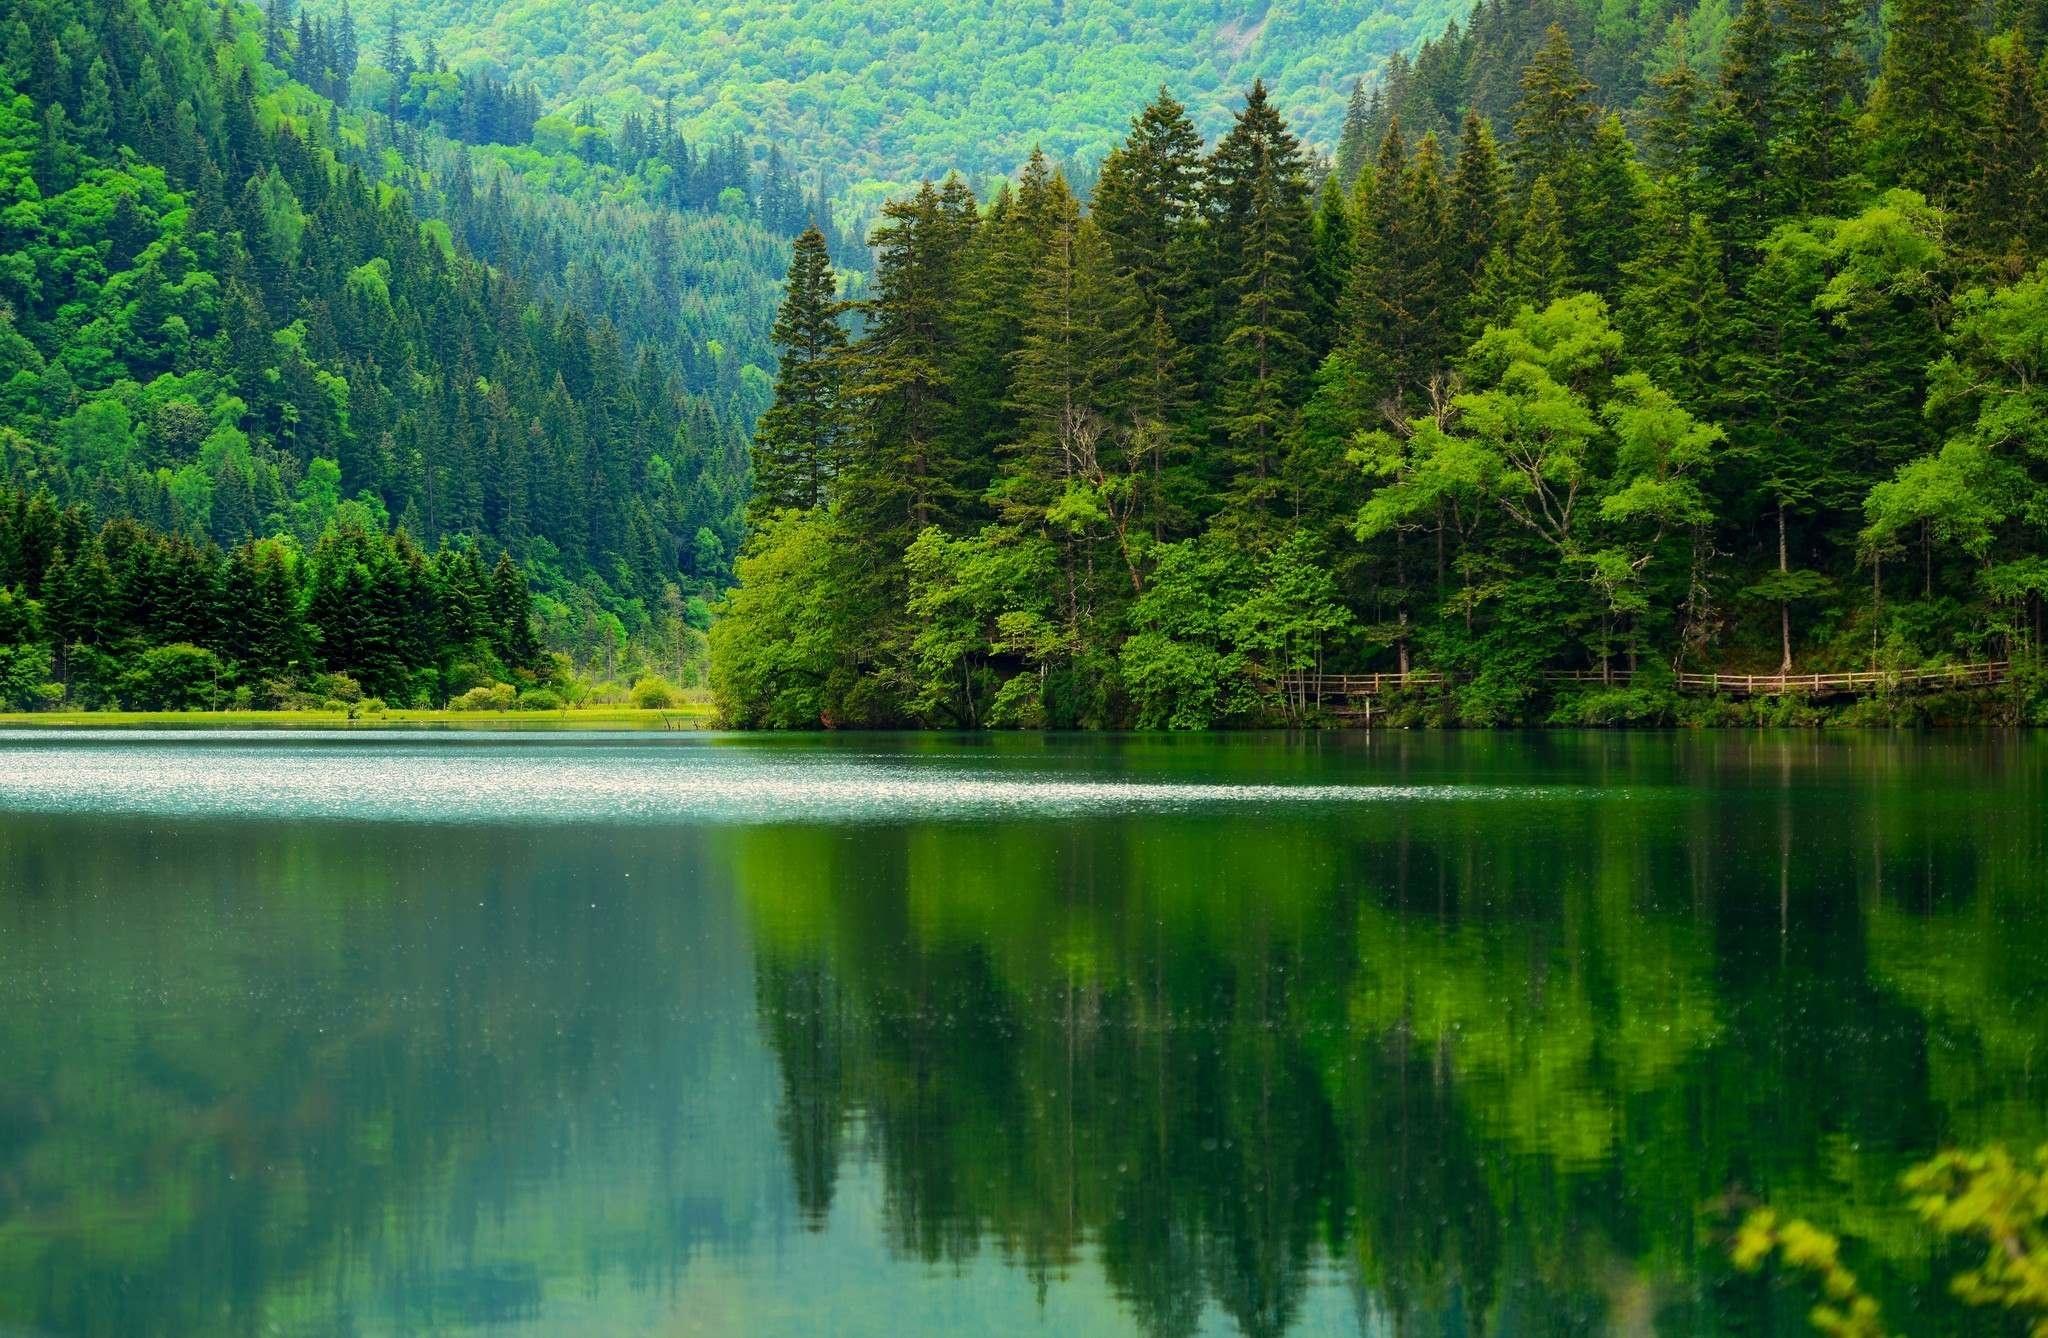 Озеро, гора, зеленый лес  № 621612 загрузить